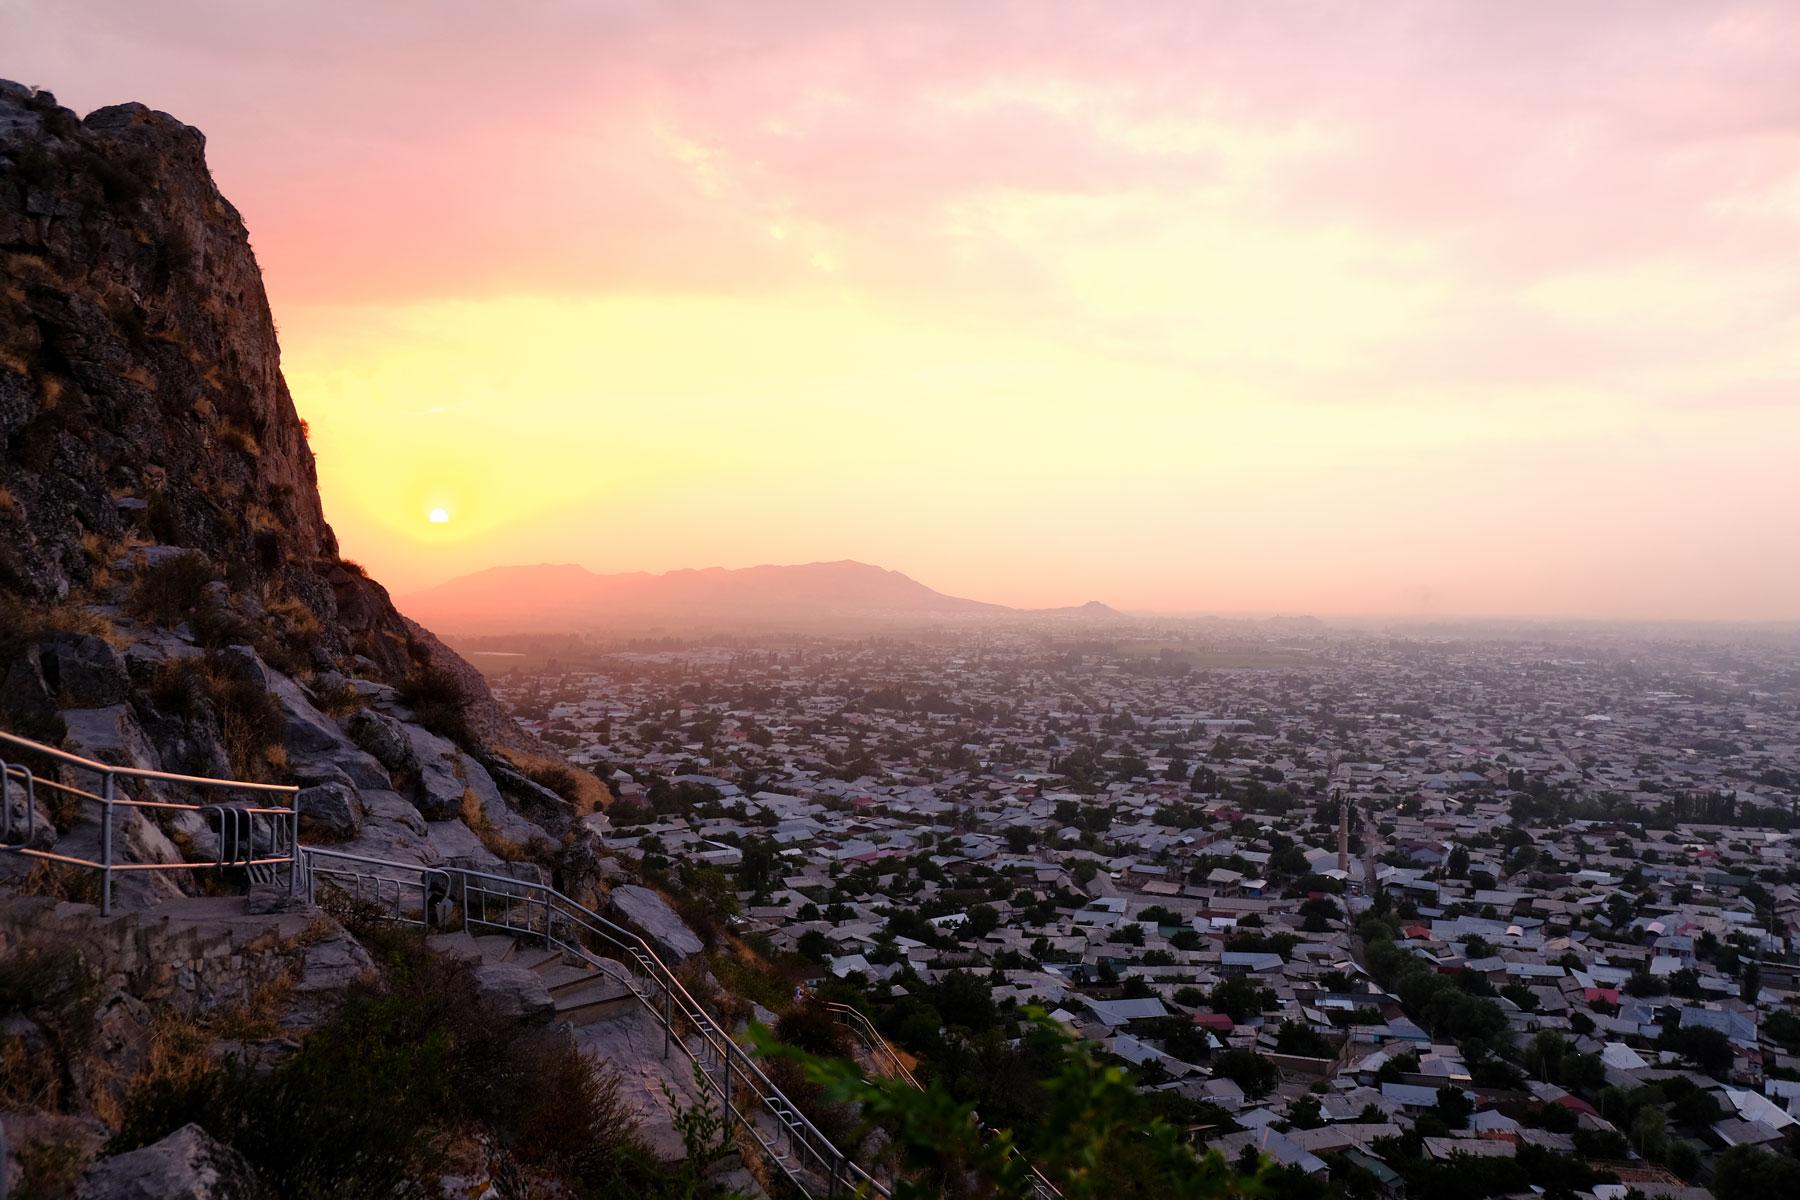 """Sonnenuntergang vom Sulaiman Too aus genossen, dem """"Hausberg"""" Oschs"""